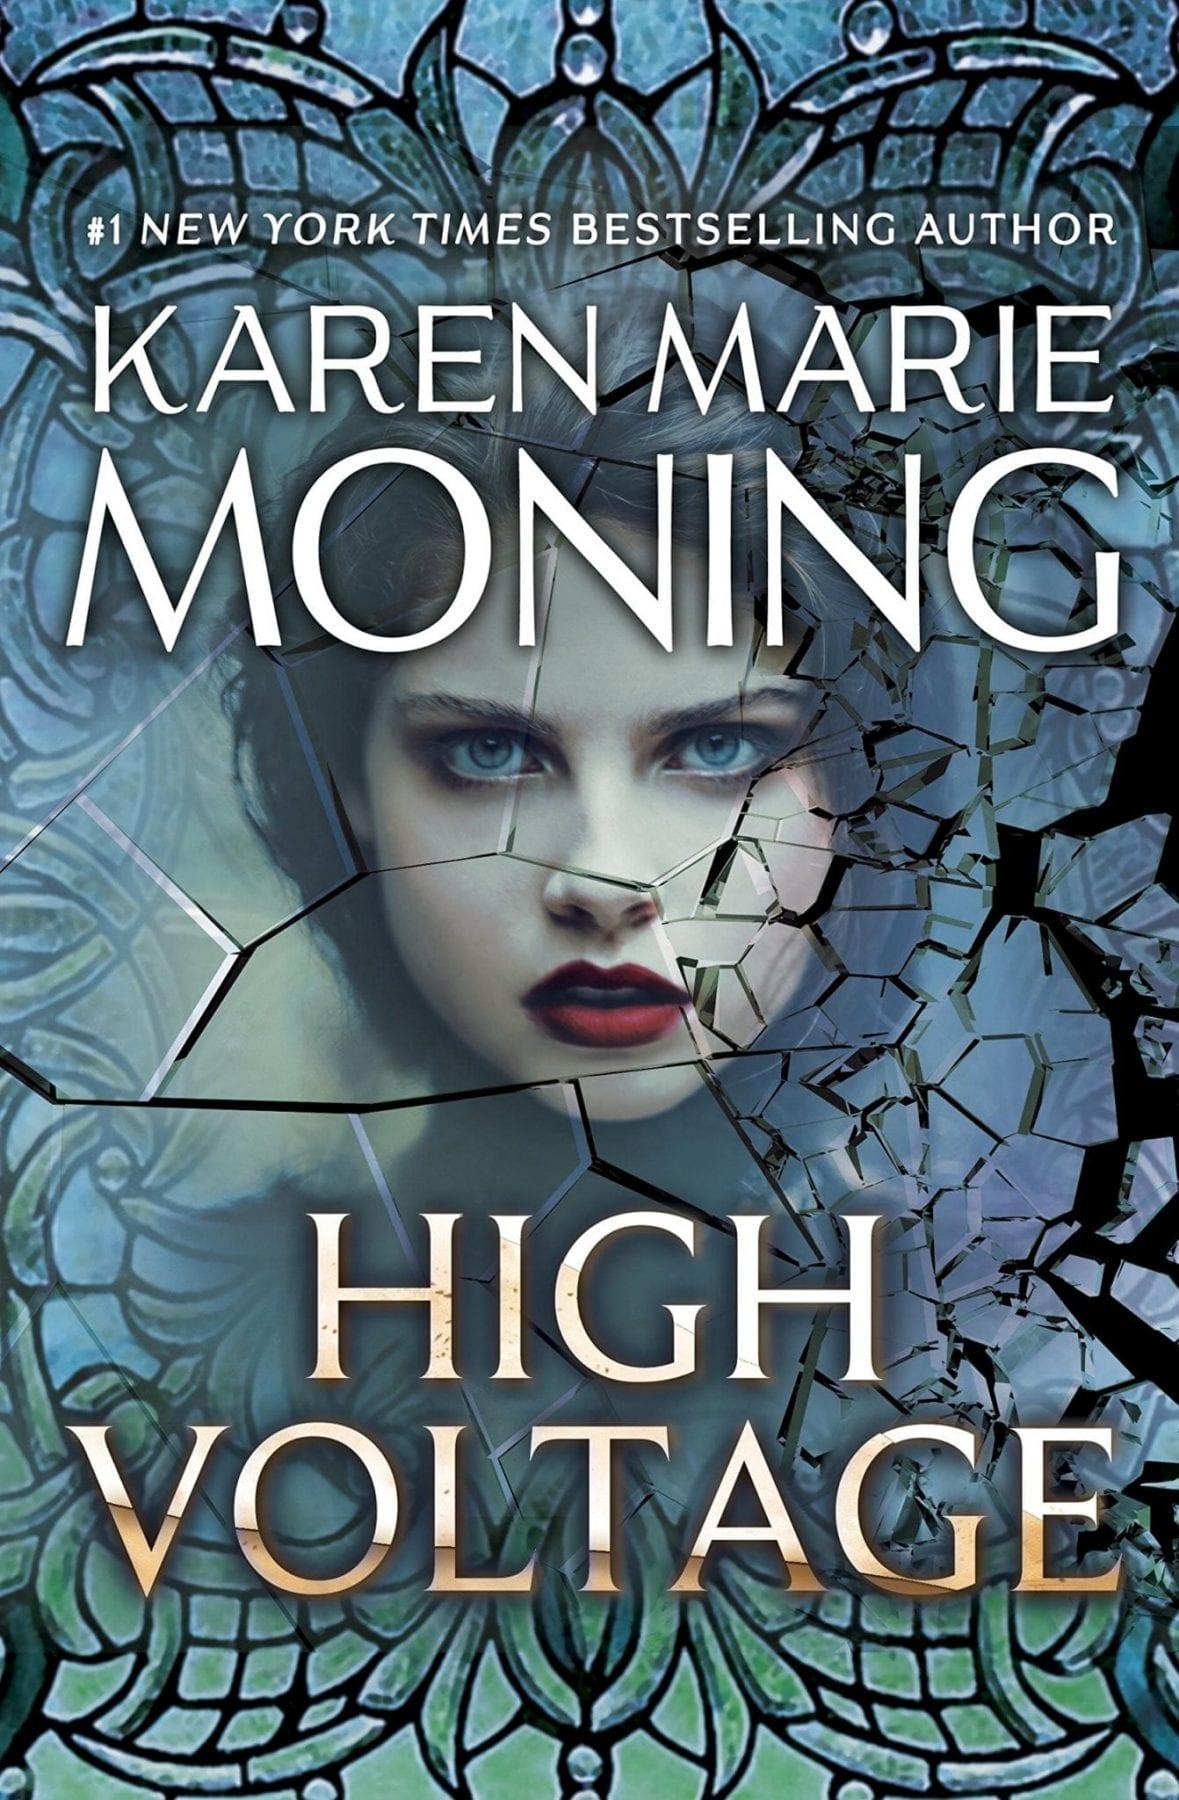 High Voltage by Karen Marie Moning